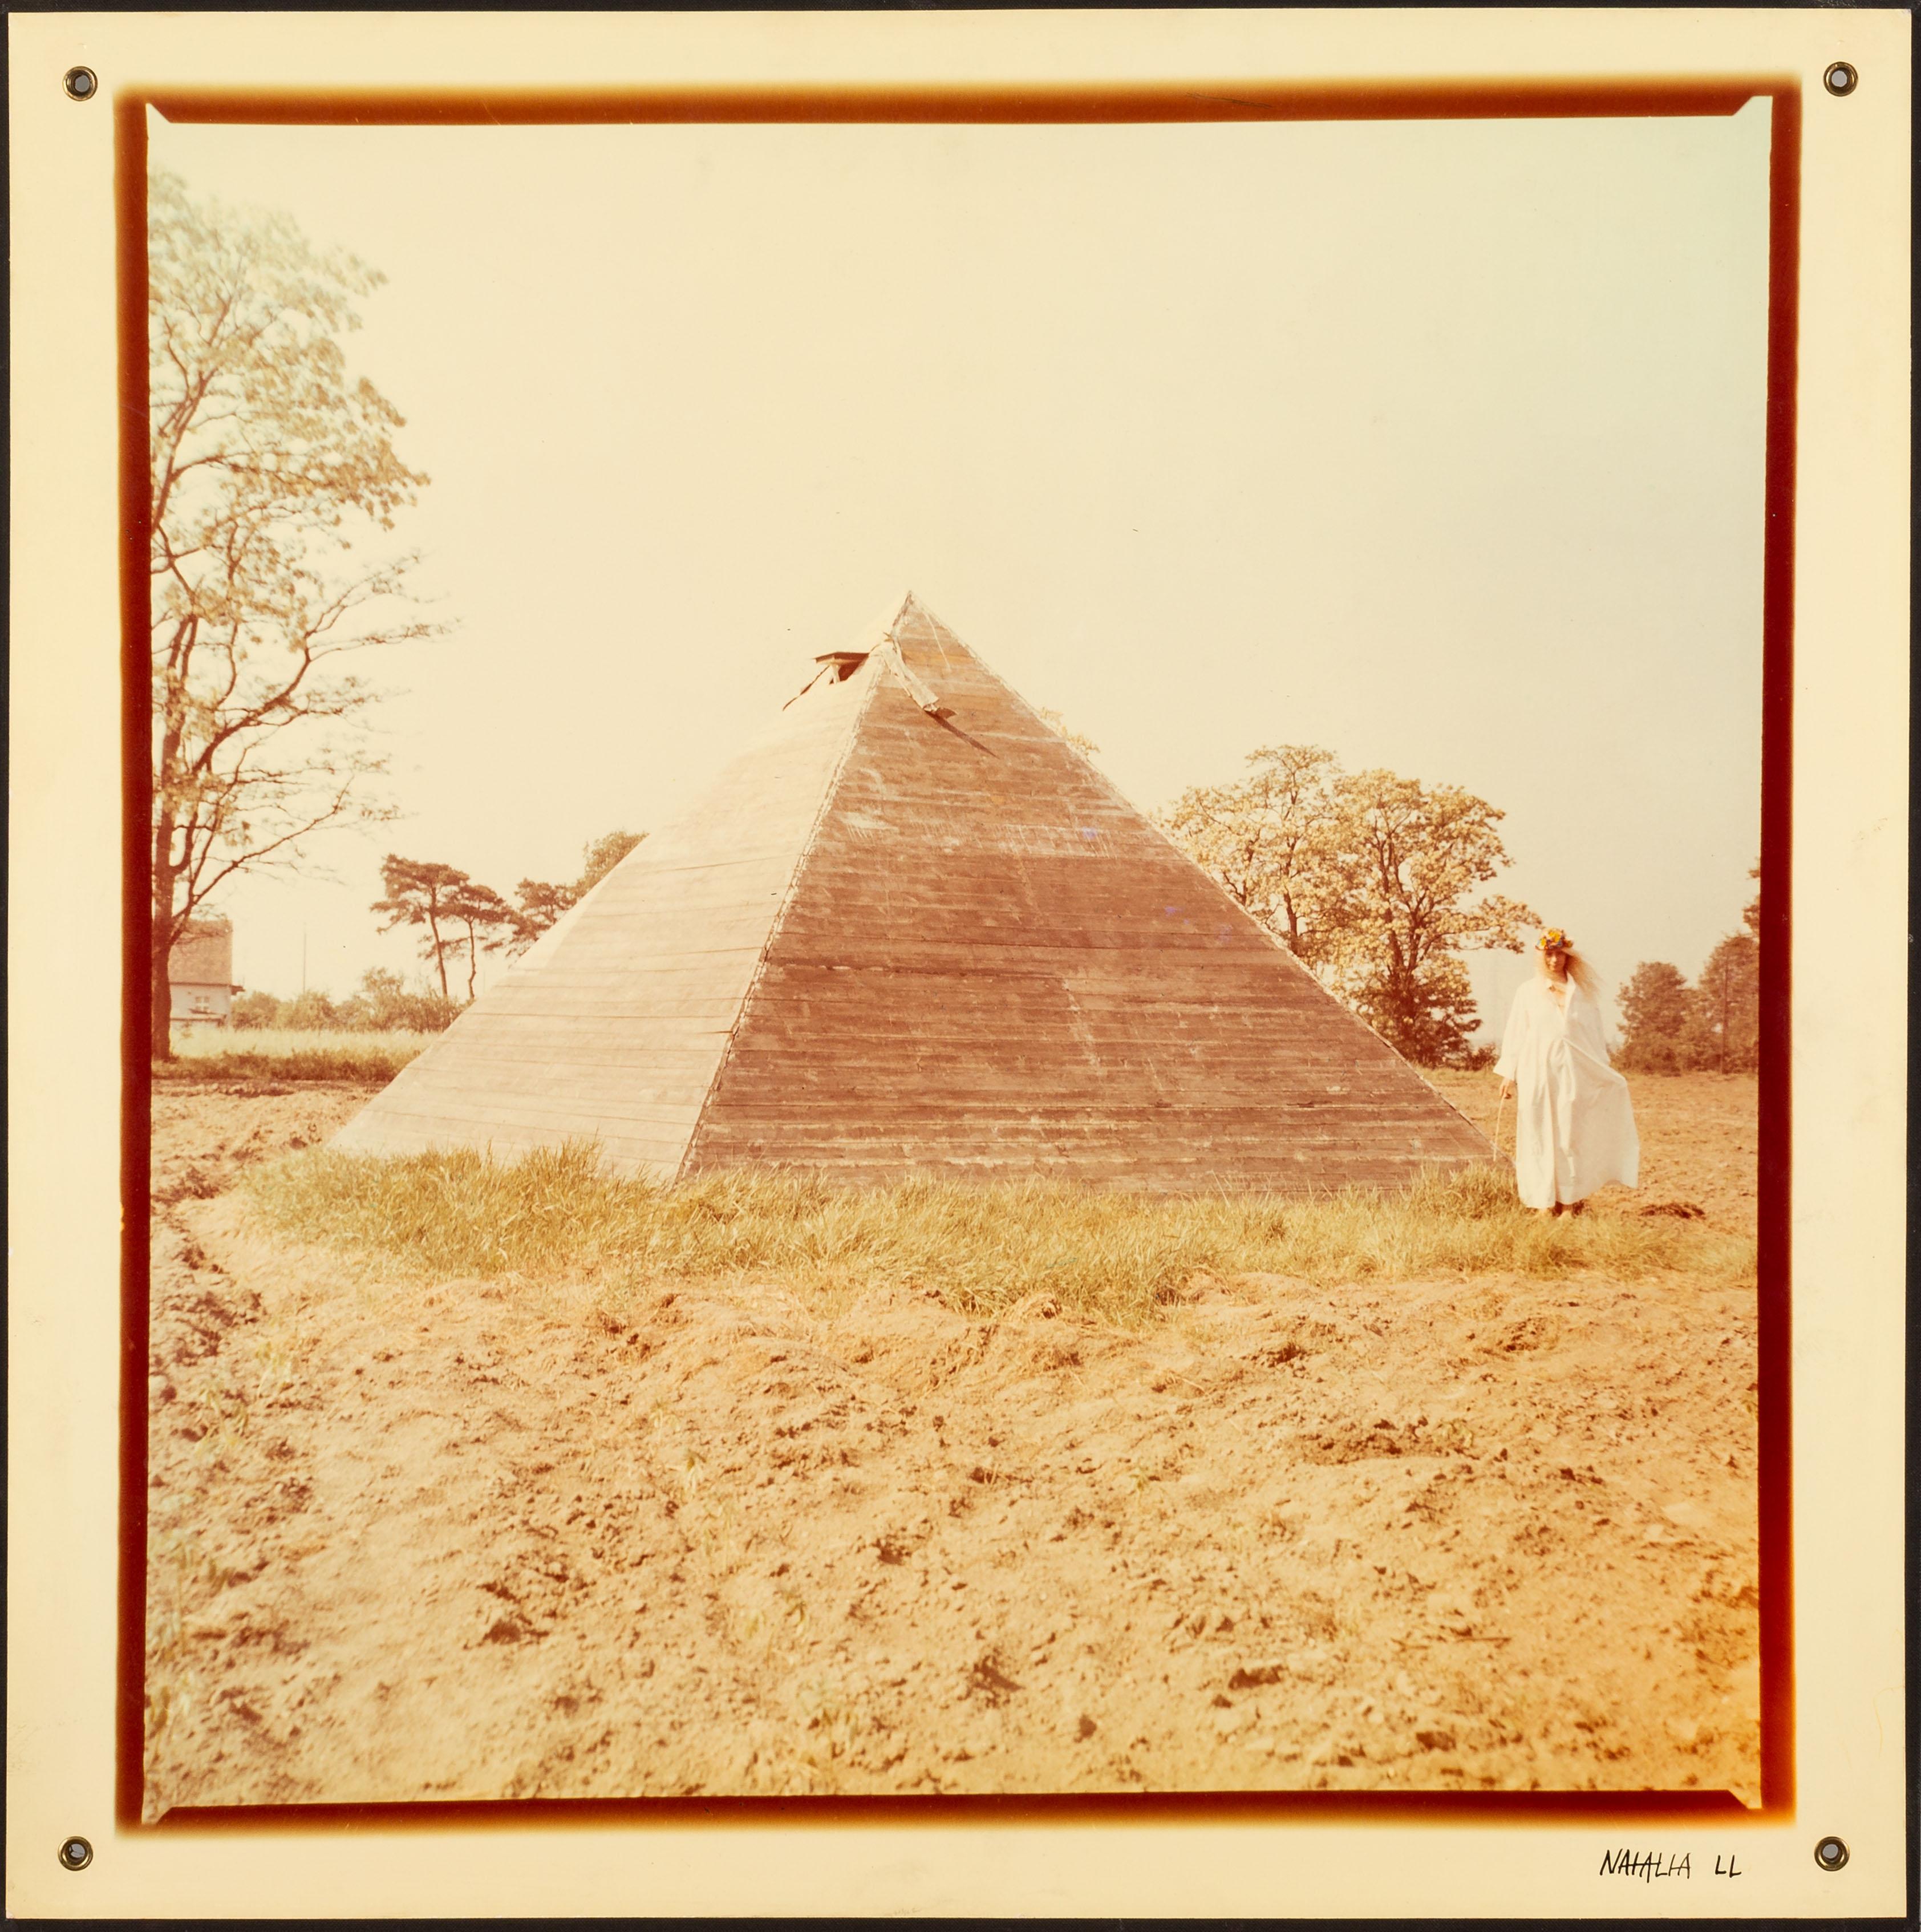 Piramida, 1979